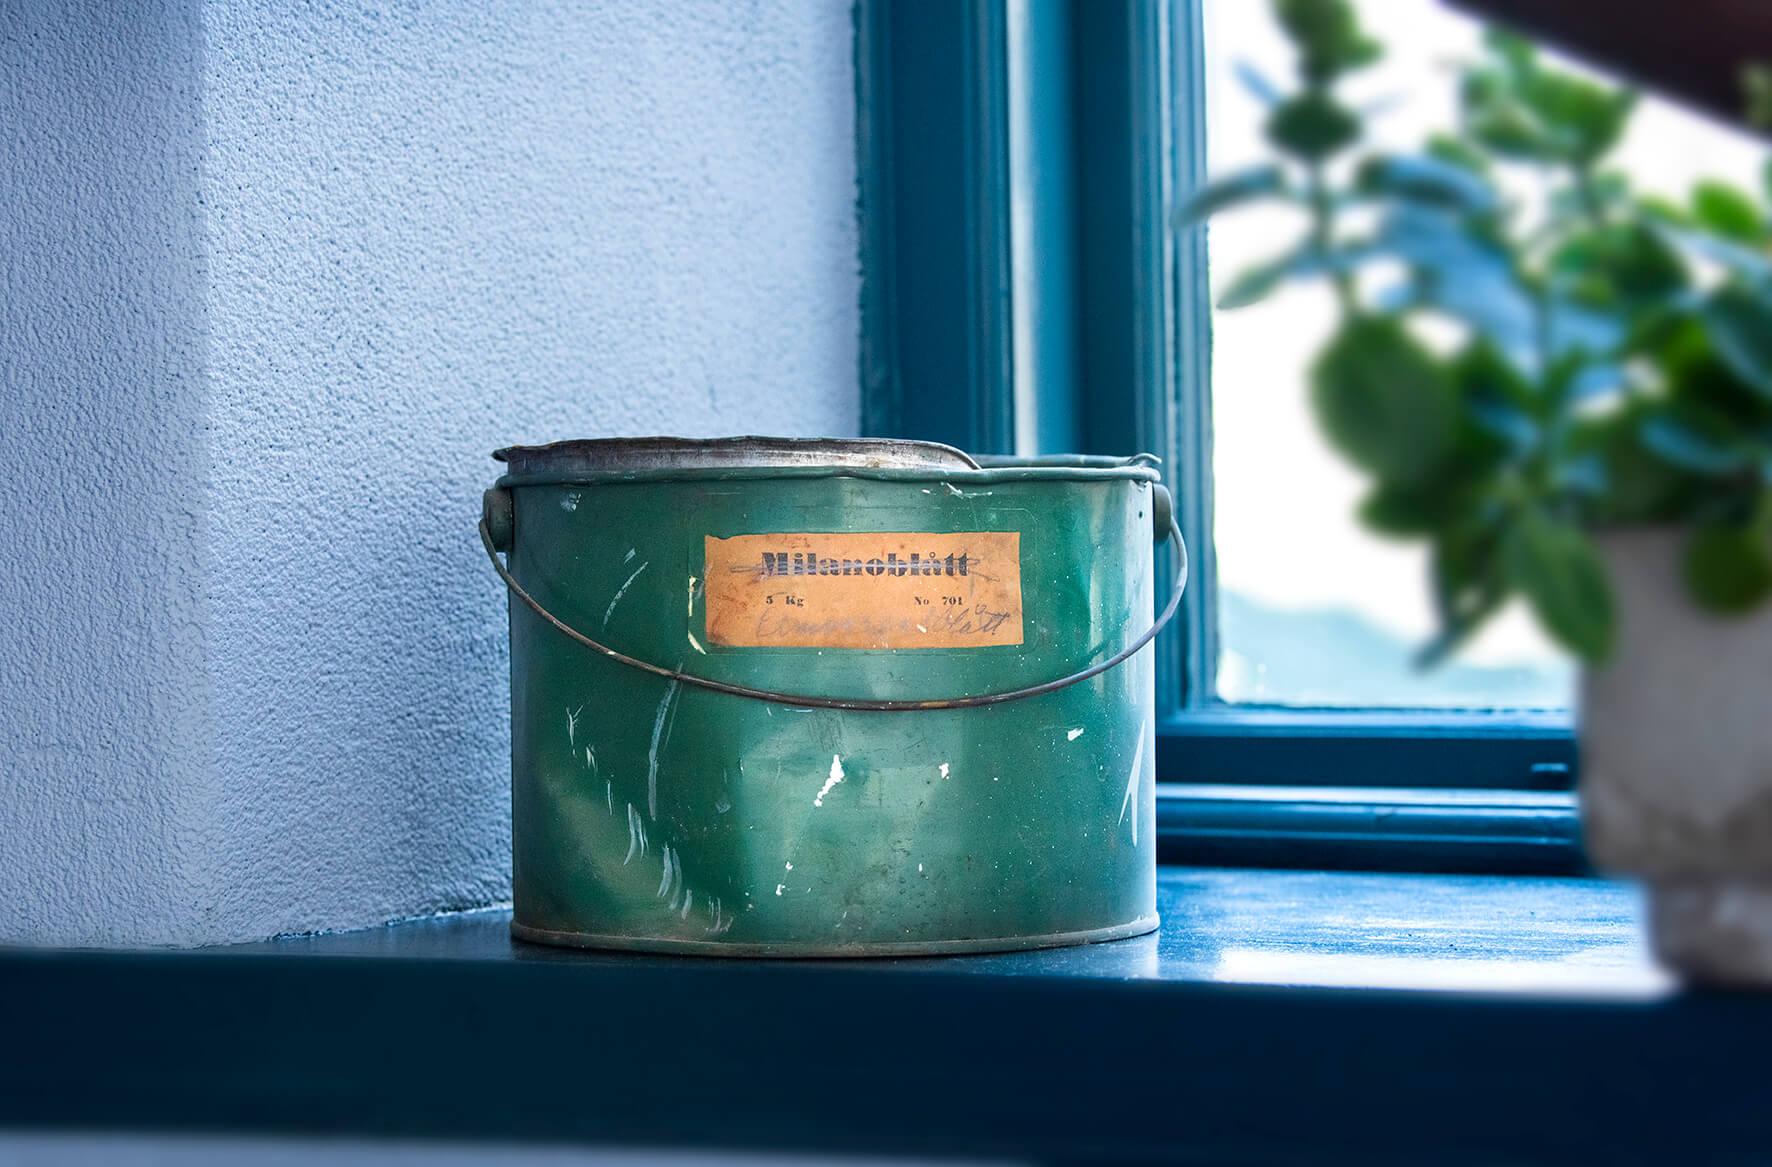 Målarburk med gediget material i gammalt fönster